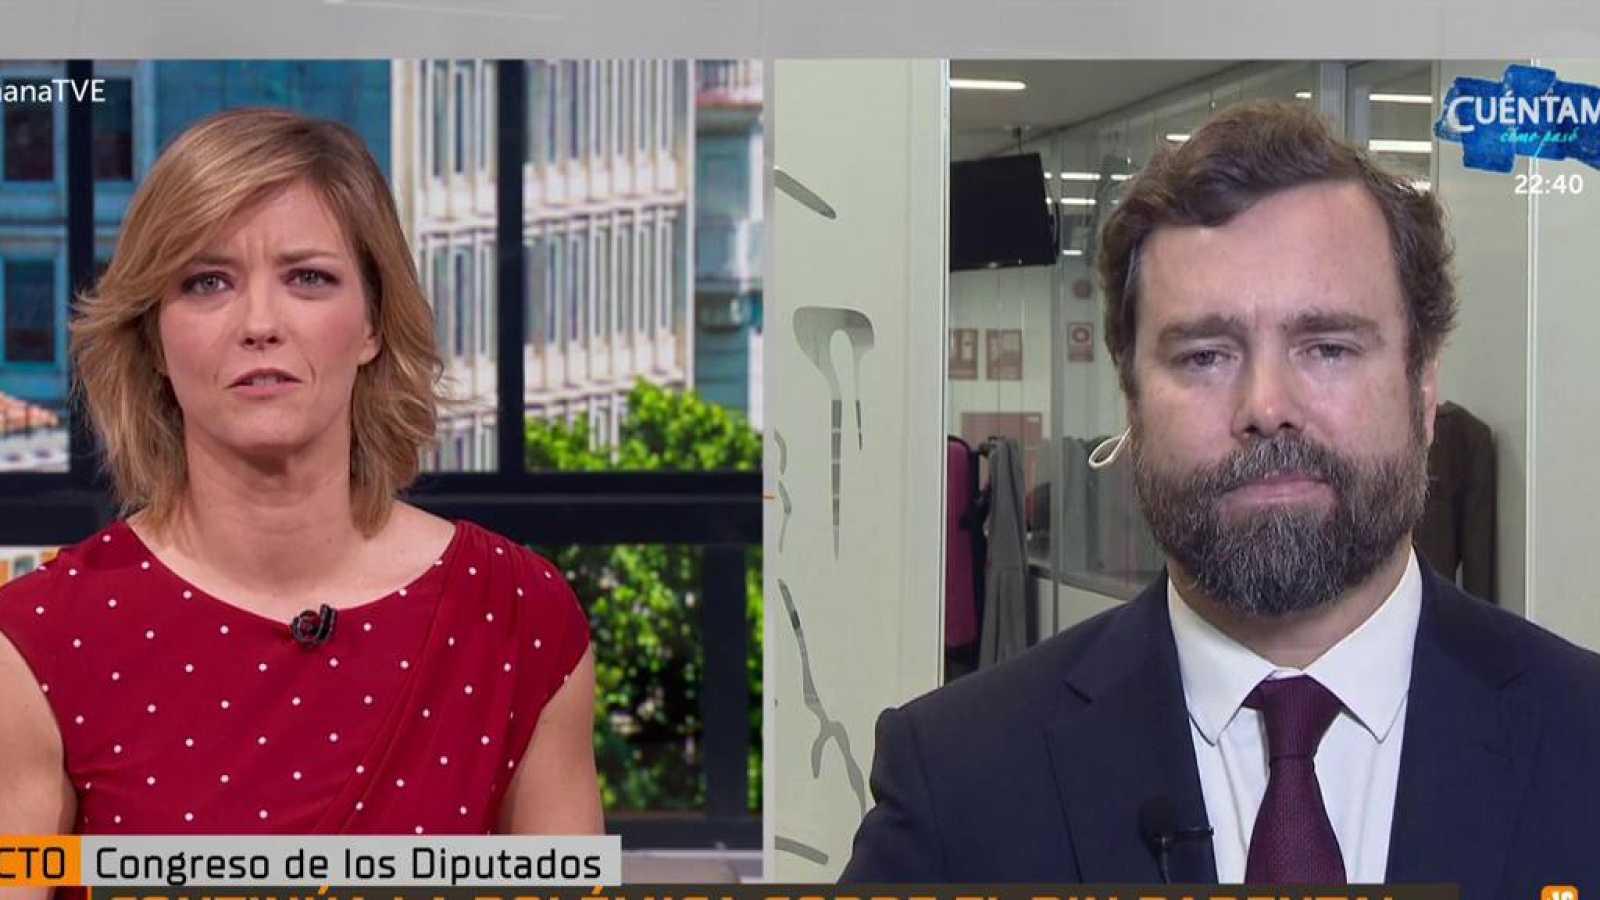 La Mañana - Entrevista con Iván Espinosa sobre la polémica del pin parental